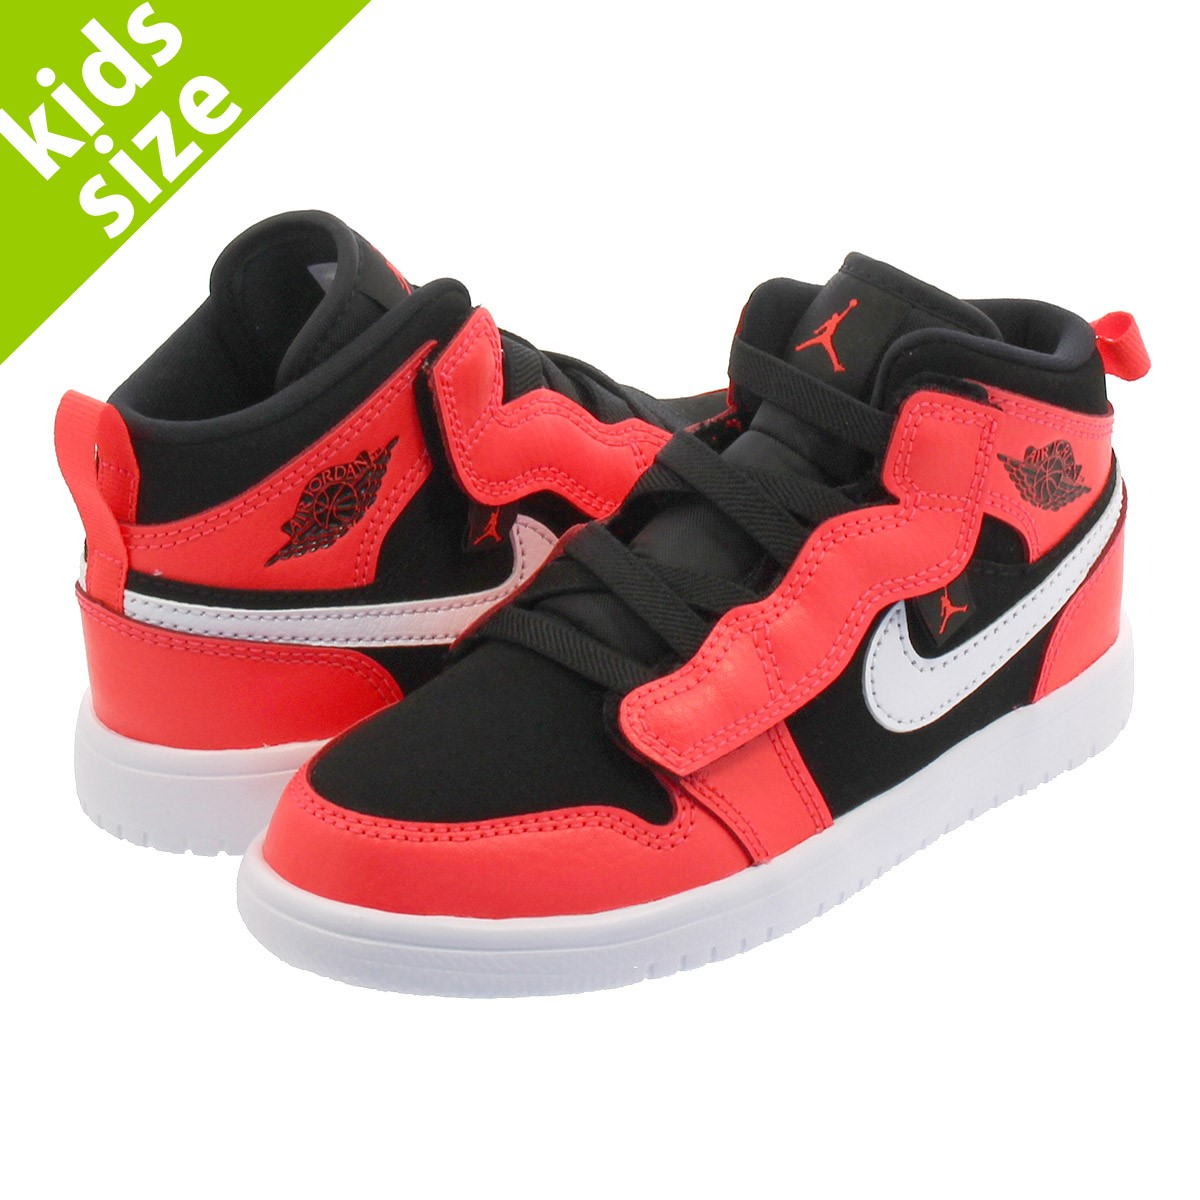 huge discount cb620 33cc2 NIKE AIR JORDAN 1 MID ALT PS Nike Air Jordan 1 mid ALT PS BLACK/INFRARED  23/WHITE ar6351-061